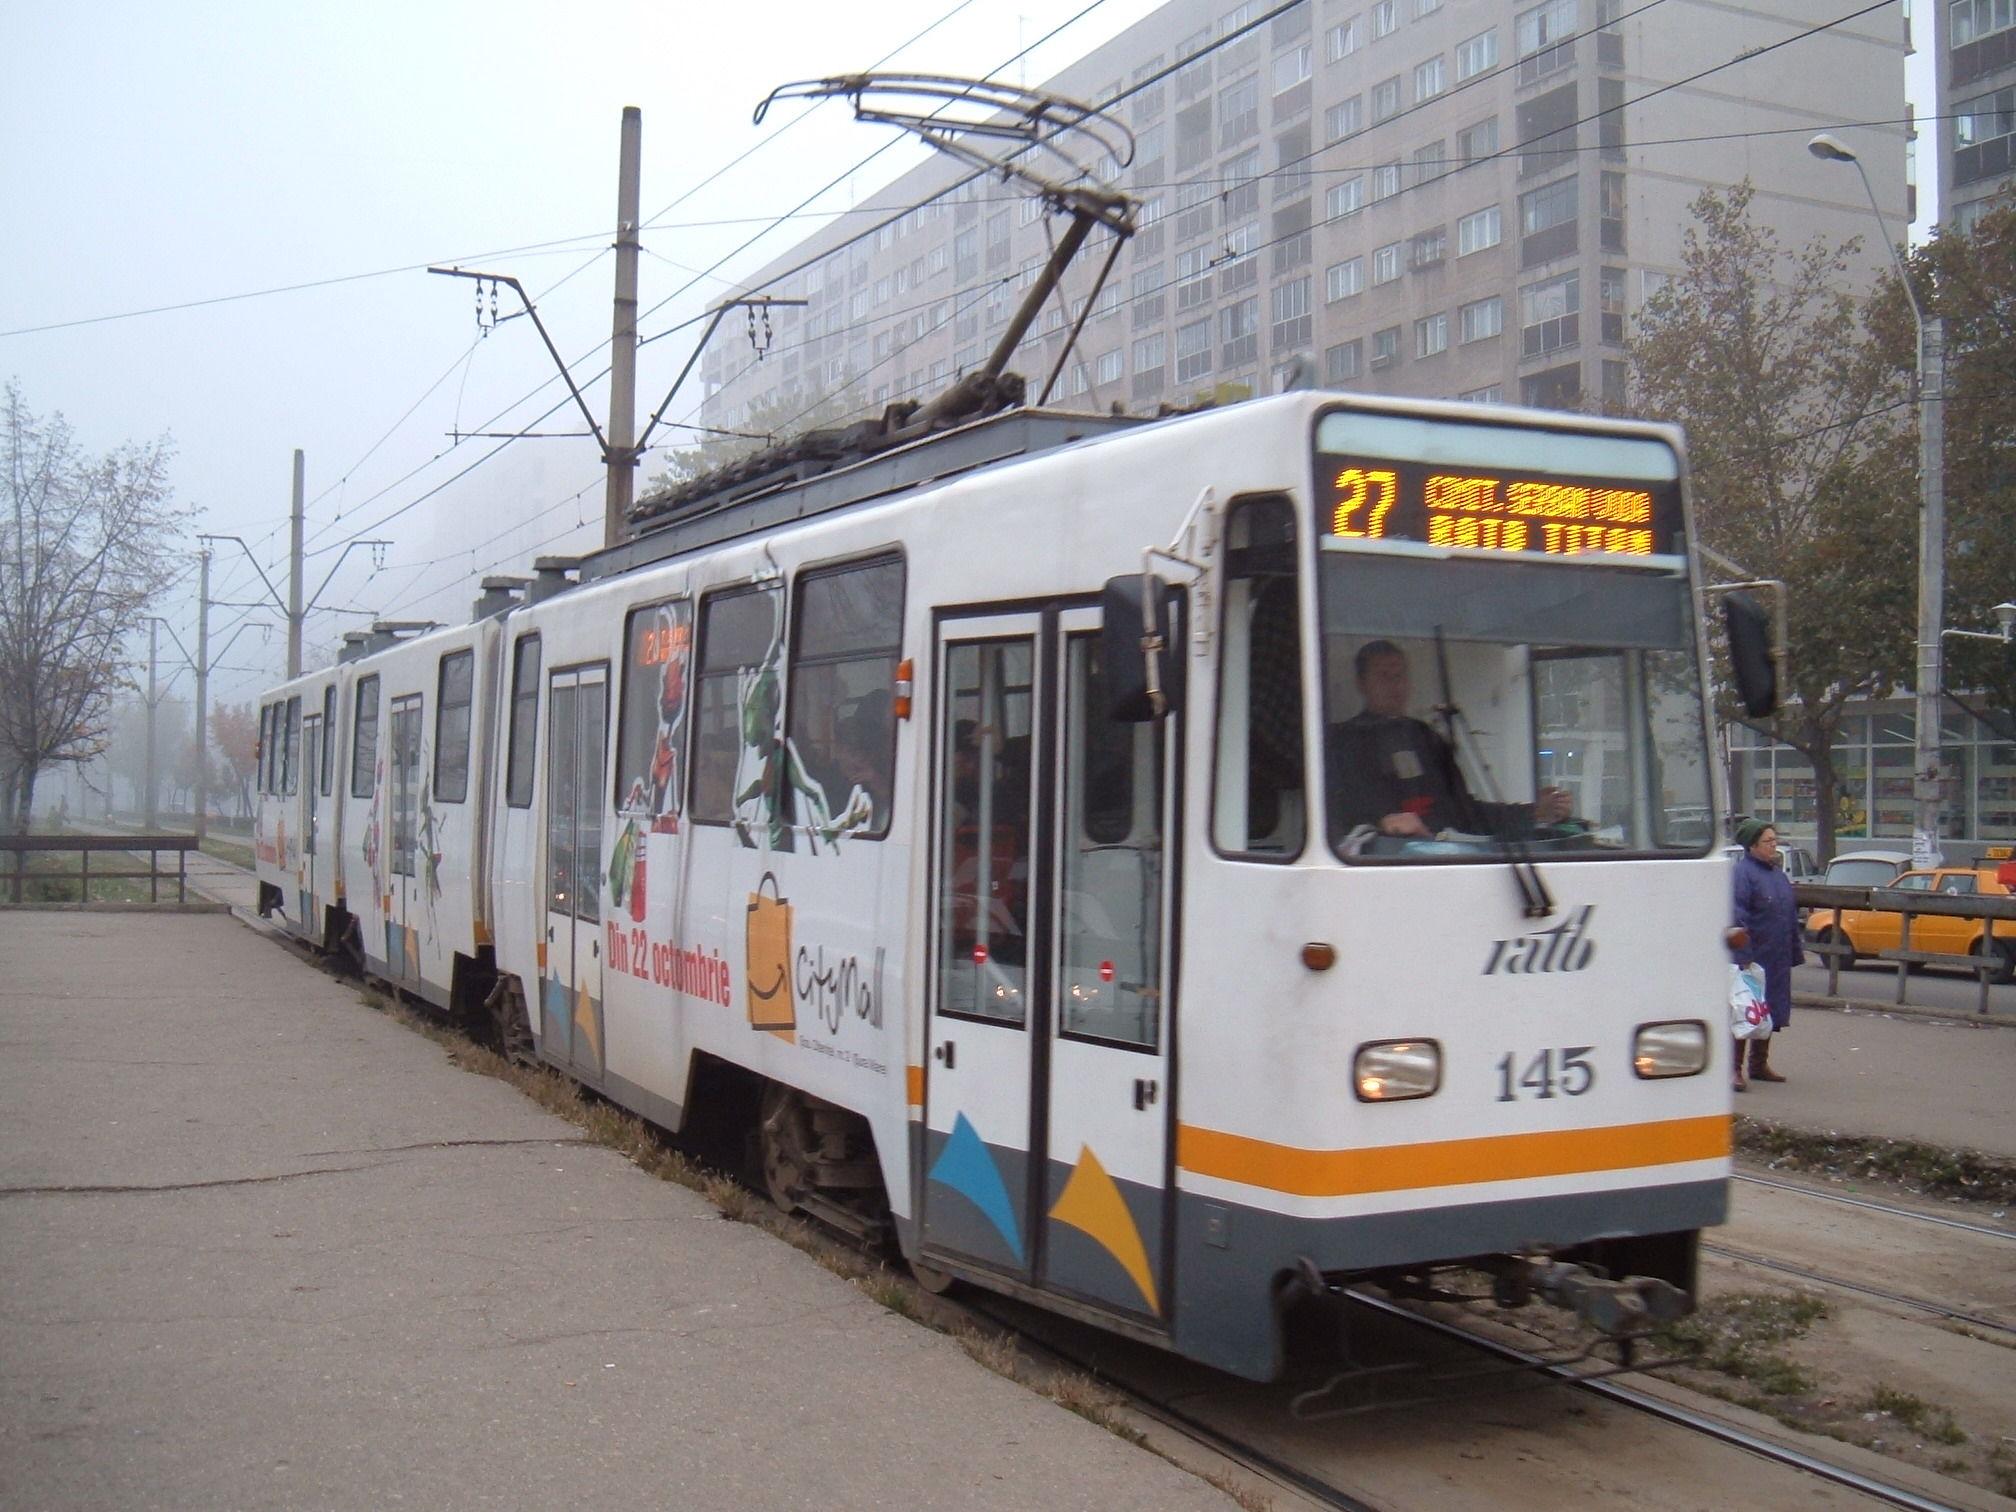 Bărbat accidentat de un tramvai, după ce a căzut de pe refugiu, în staţia Plaza România